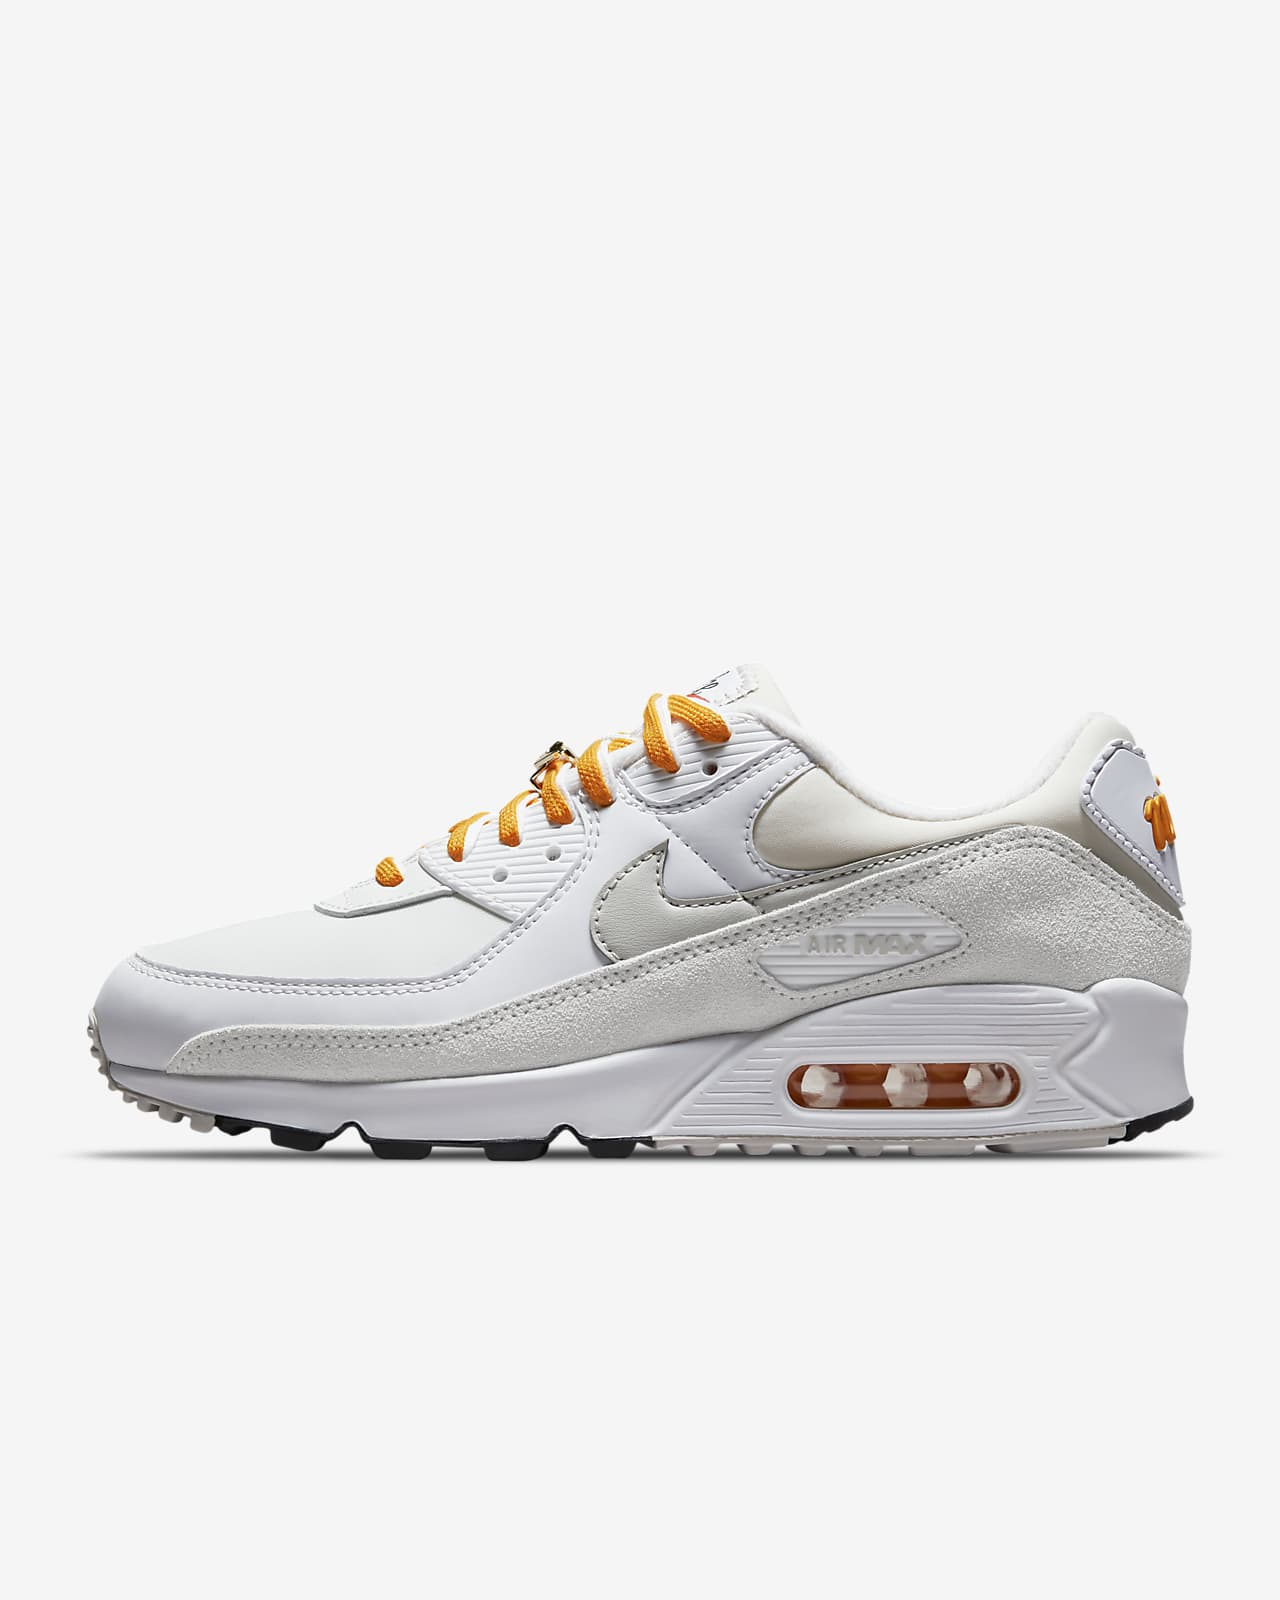 Γυναικείο παπούτσι Nike Air Max 90 SE